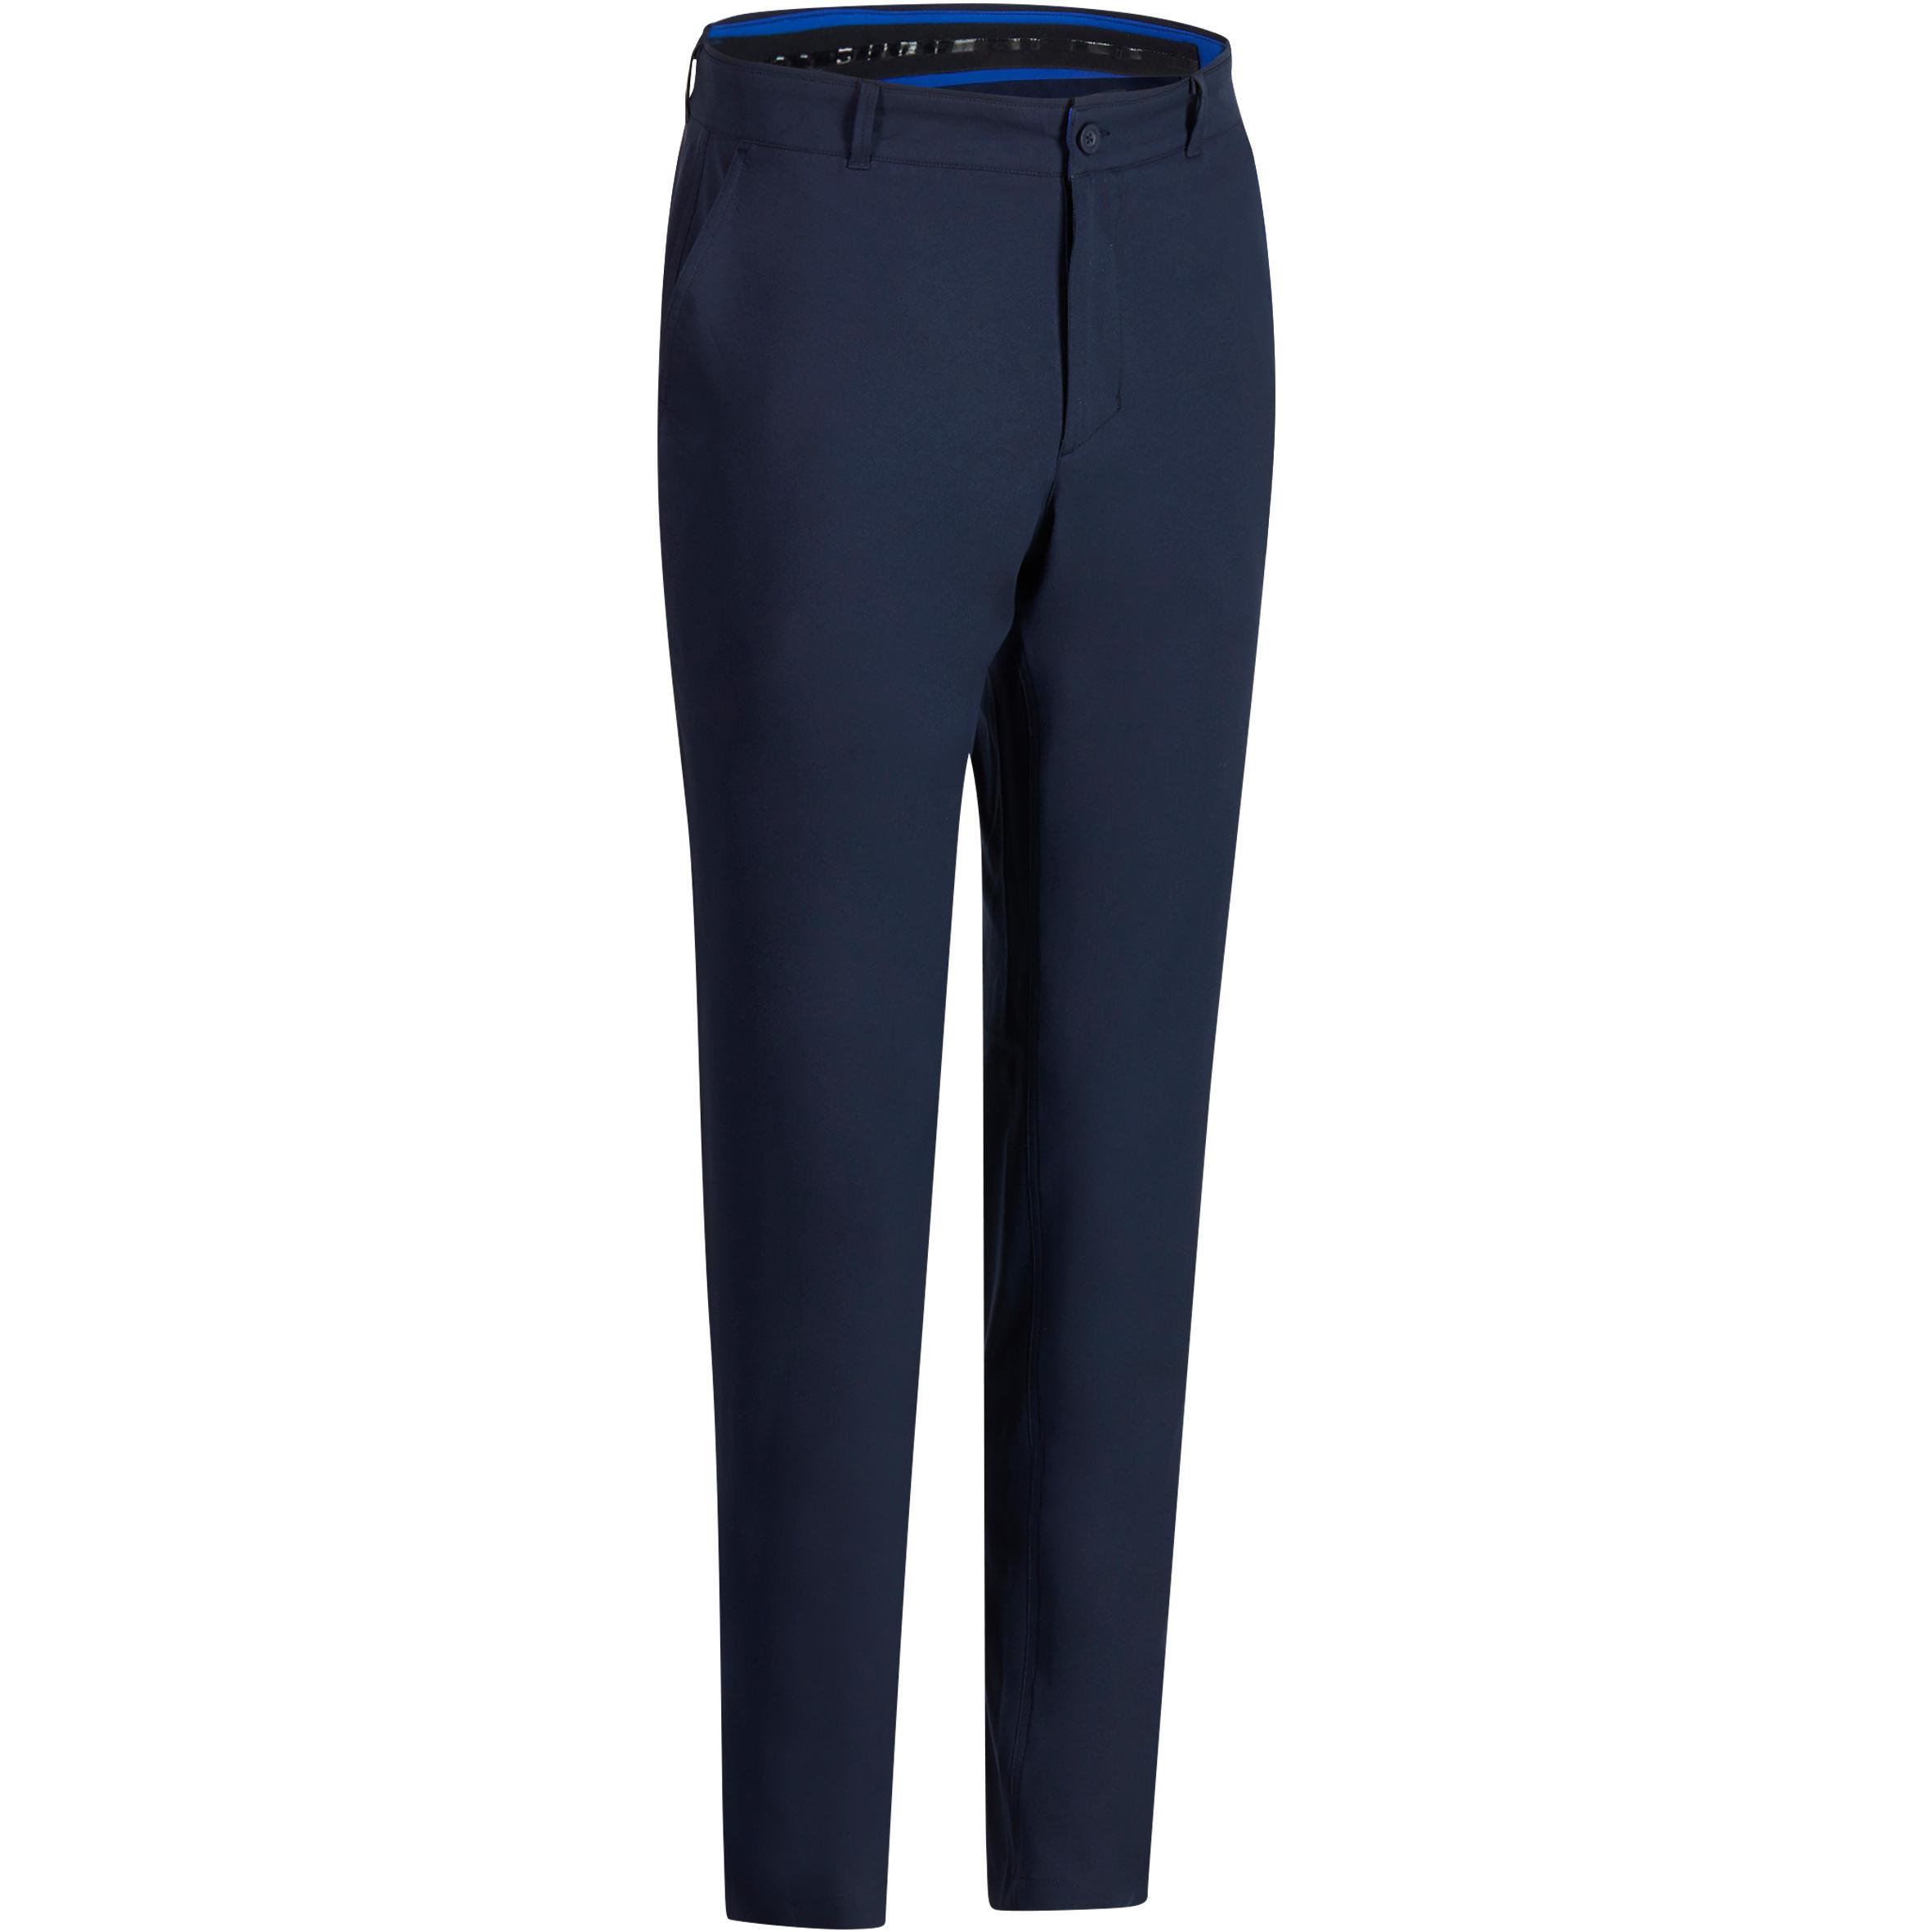 Pantalón de golf para hombre 900 - clima caluroso - azul marino